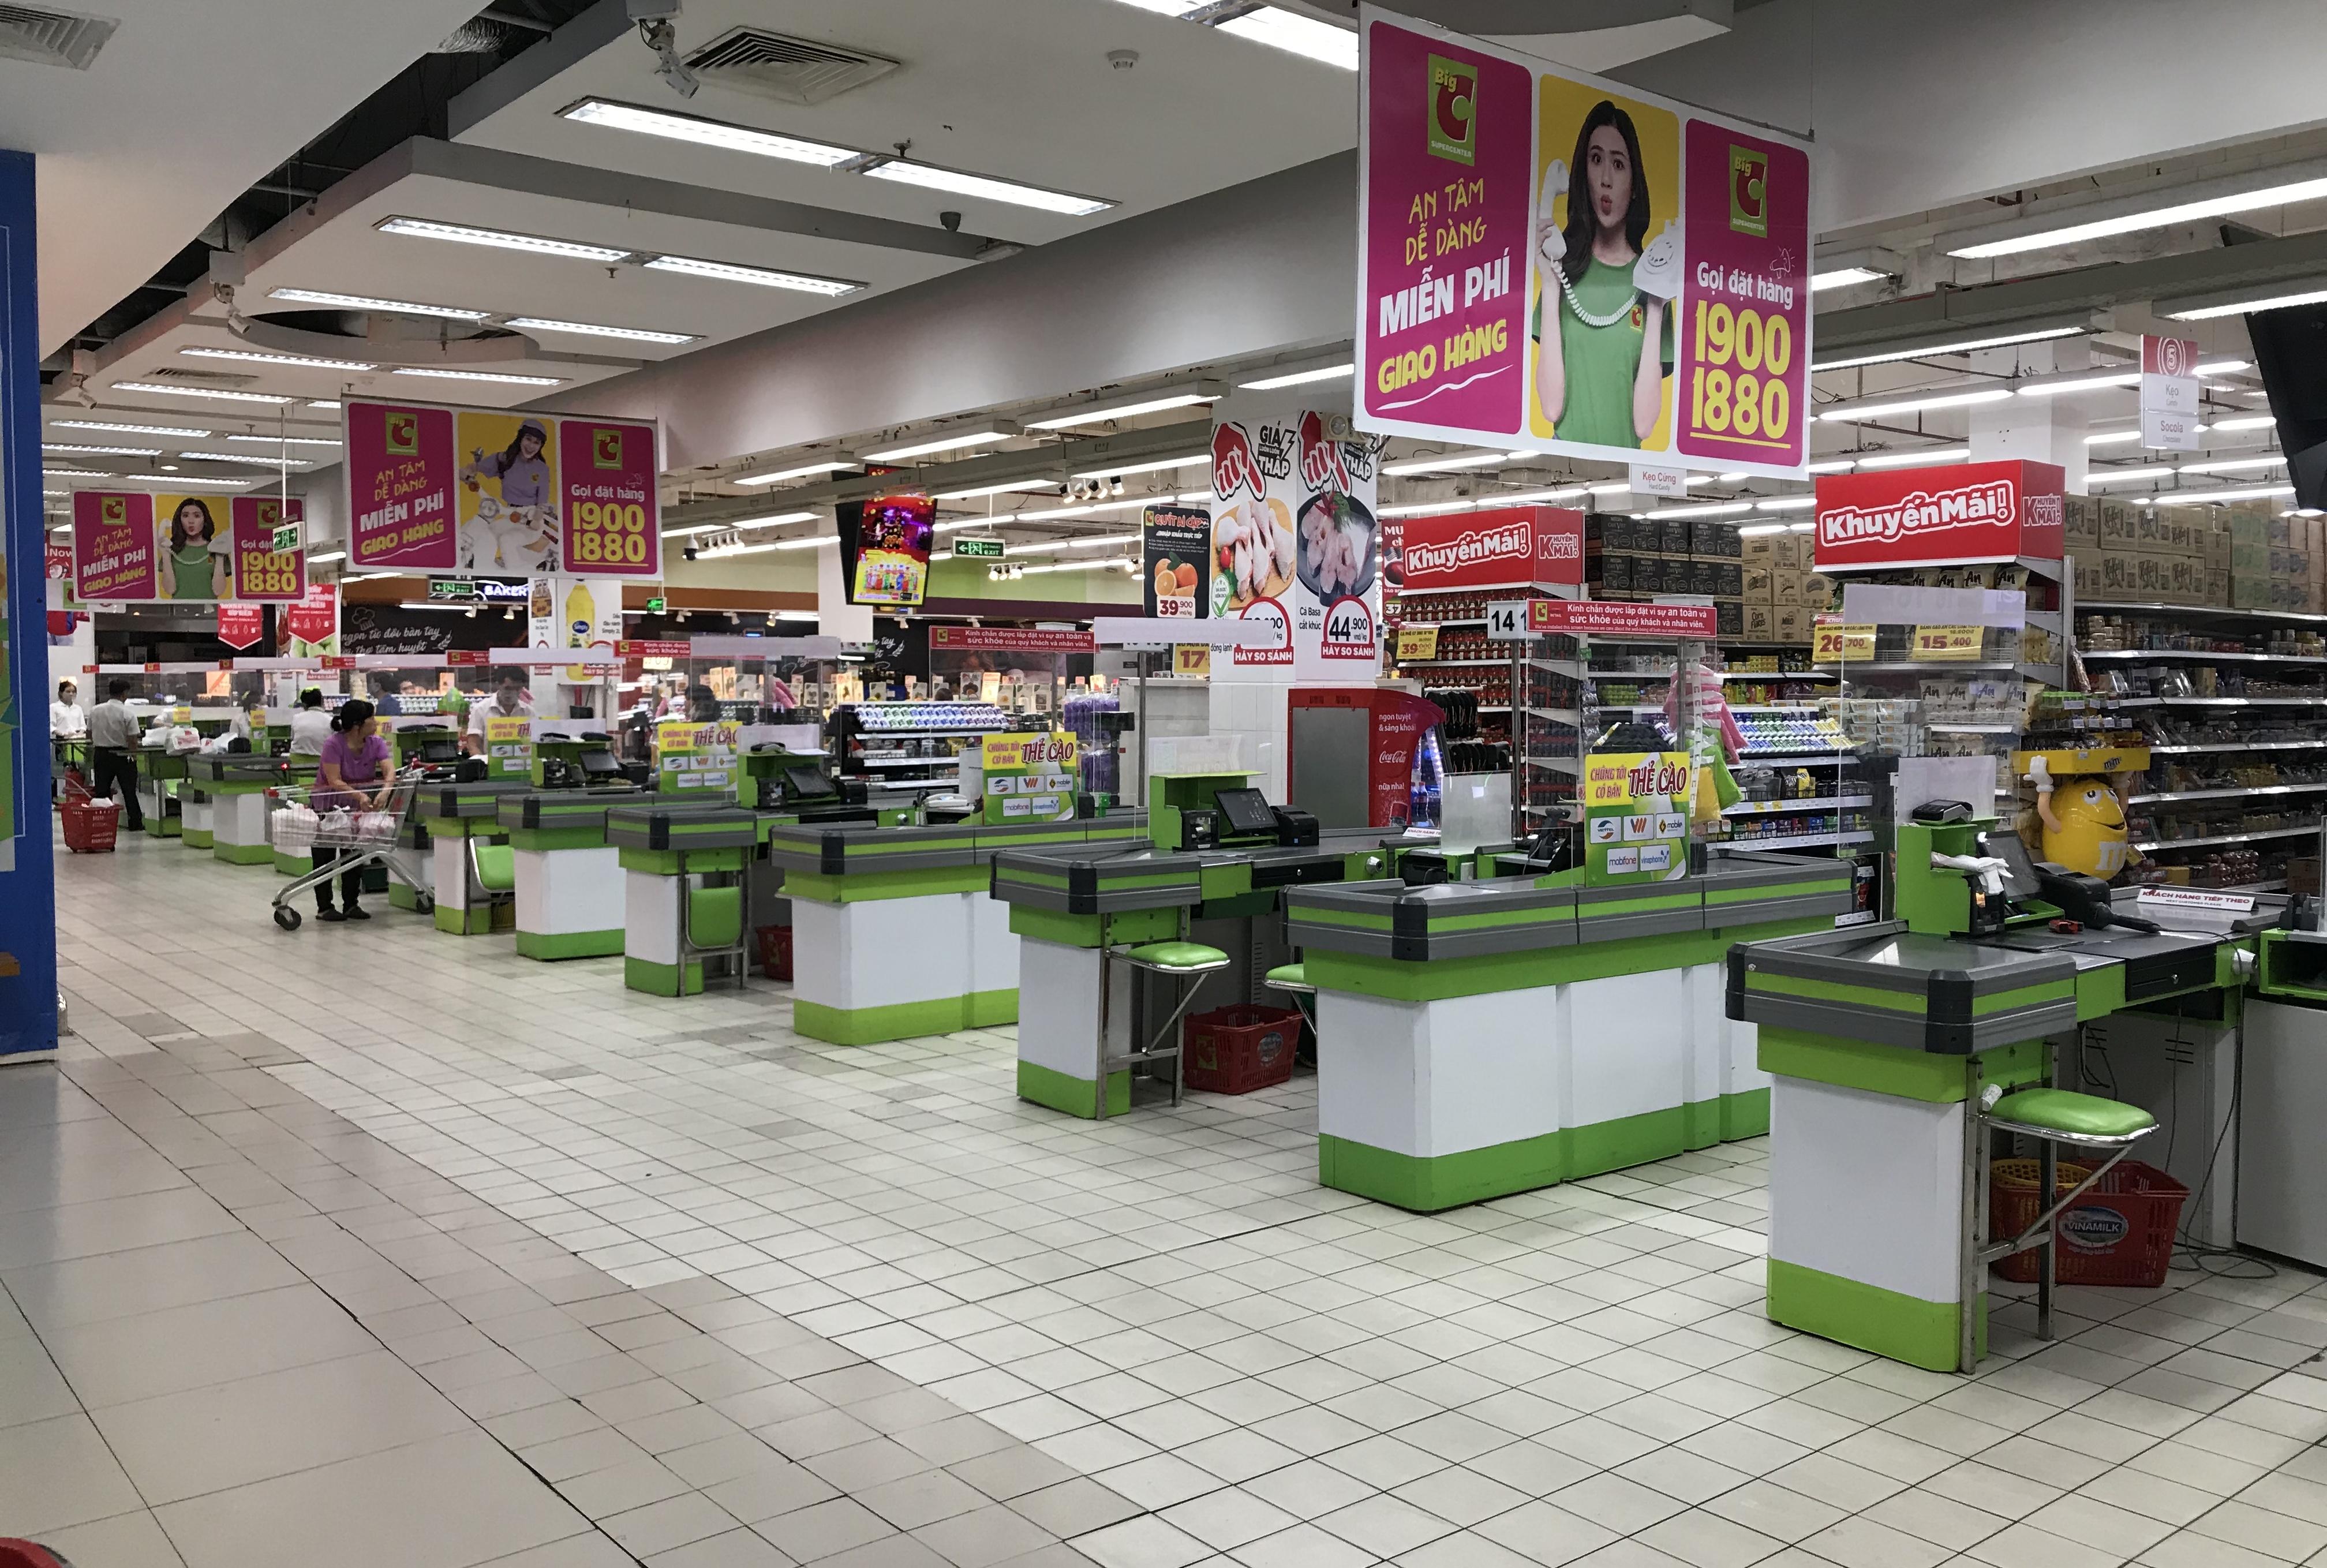 Big C miền Đông bất ngờ thông báo đóng cửa, người tiêu dùng sững sờ, siêu thị vắng lặng chiều nay - Ảnh 10.